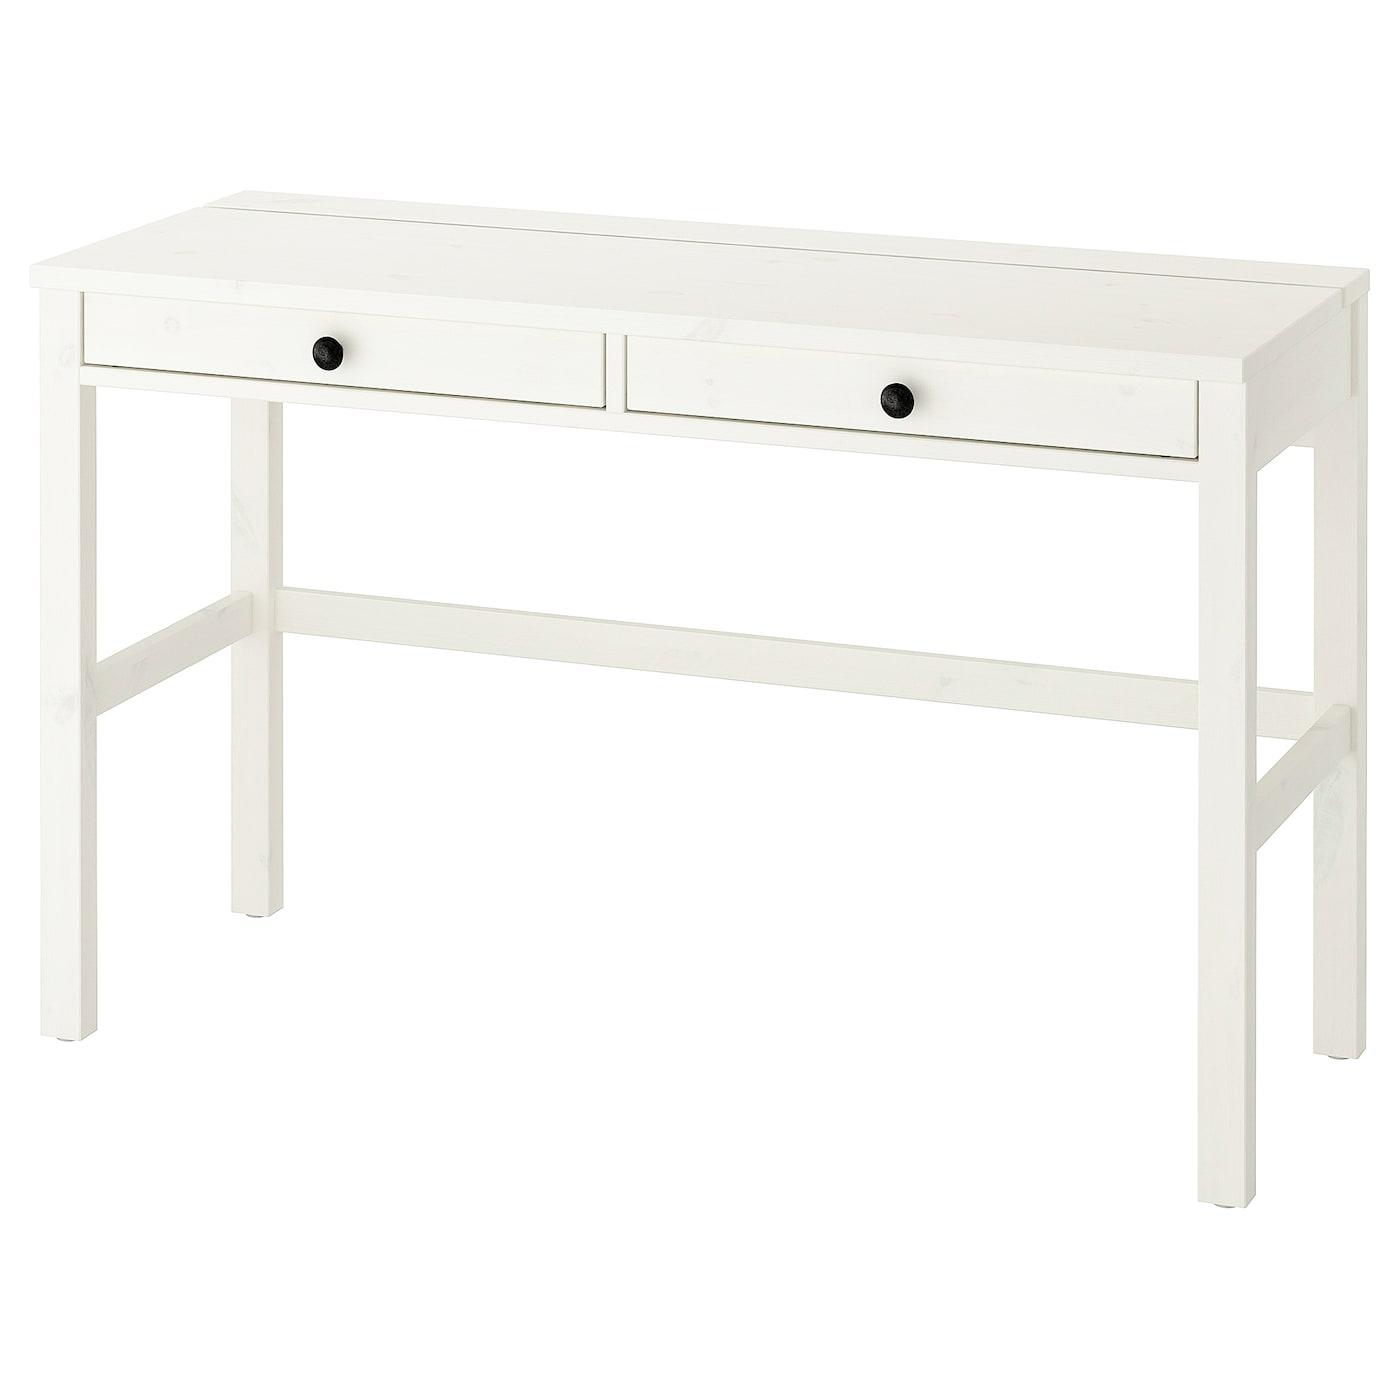 Scrivania Con Cassettiera Ikea hemnes scrivania con 2 cassetti - mordente bianco 120x47 cm